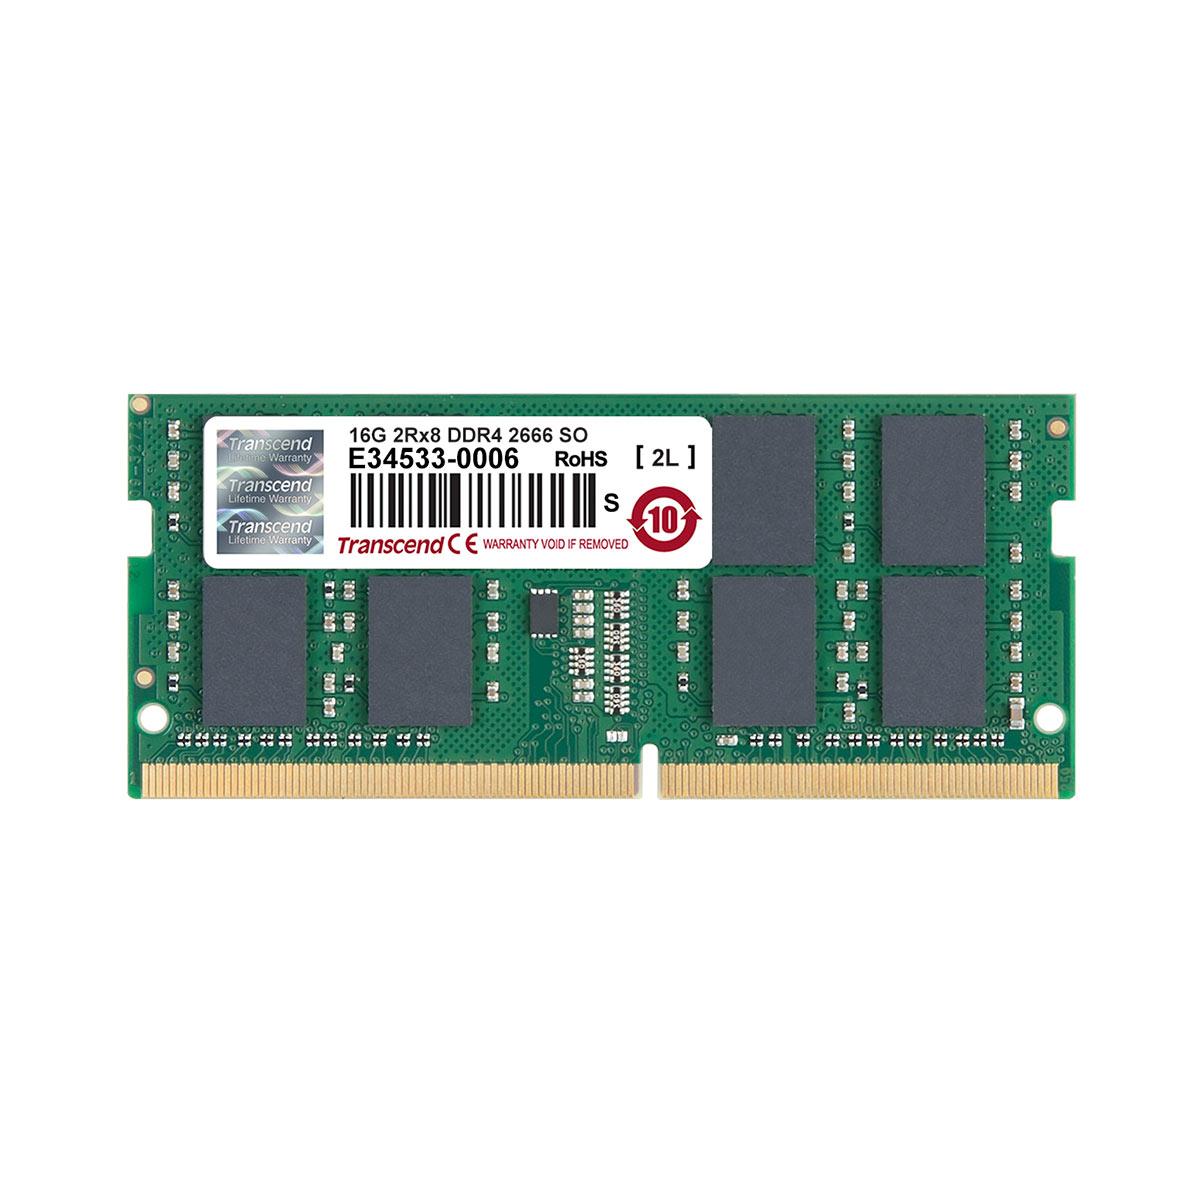 【3月27日値下げしました】Transcend 増設メモリー 16GB ノートPC用 DDR4-2666 PC4-21300 SO-DIMM PCメモリ メモリーモジュール ノートパソコン用[TS2GSH64V6B]【ネコポス対応】【BOX受取対象商品】【送料無料】